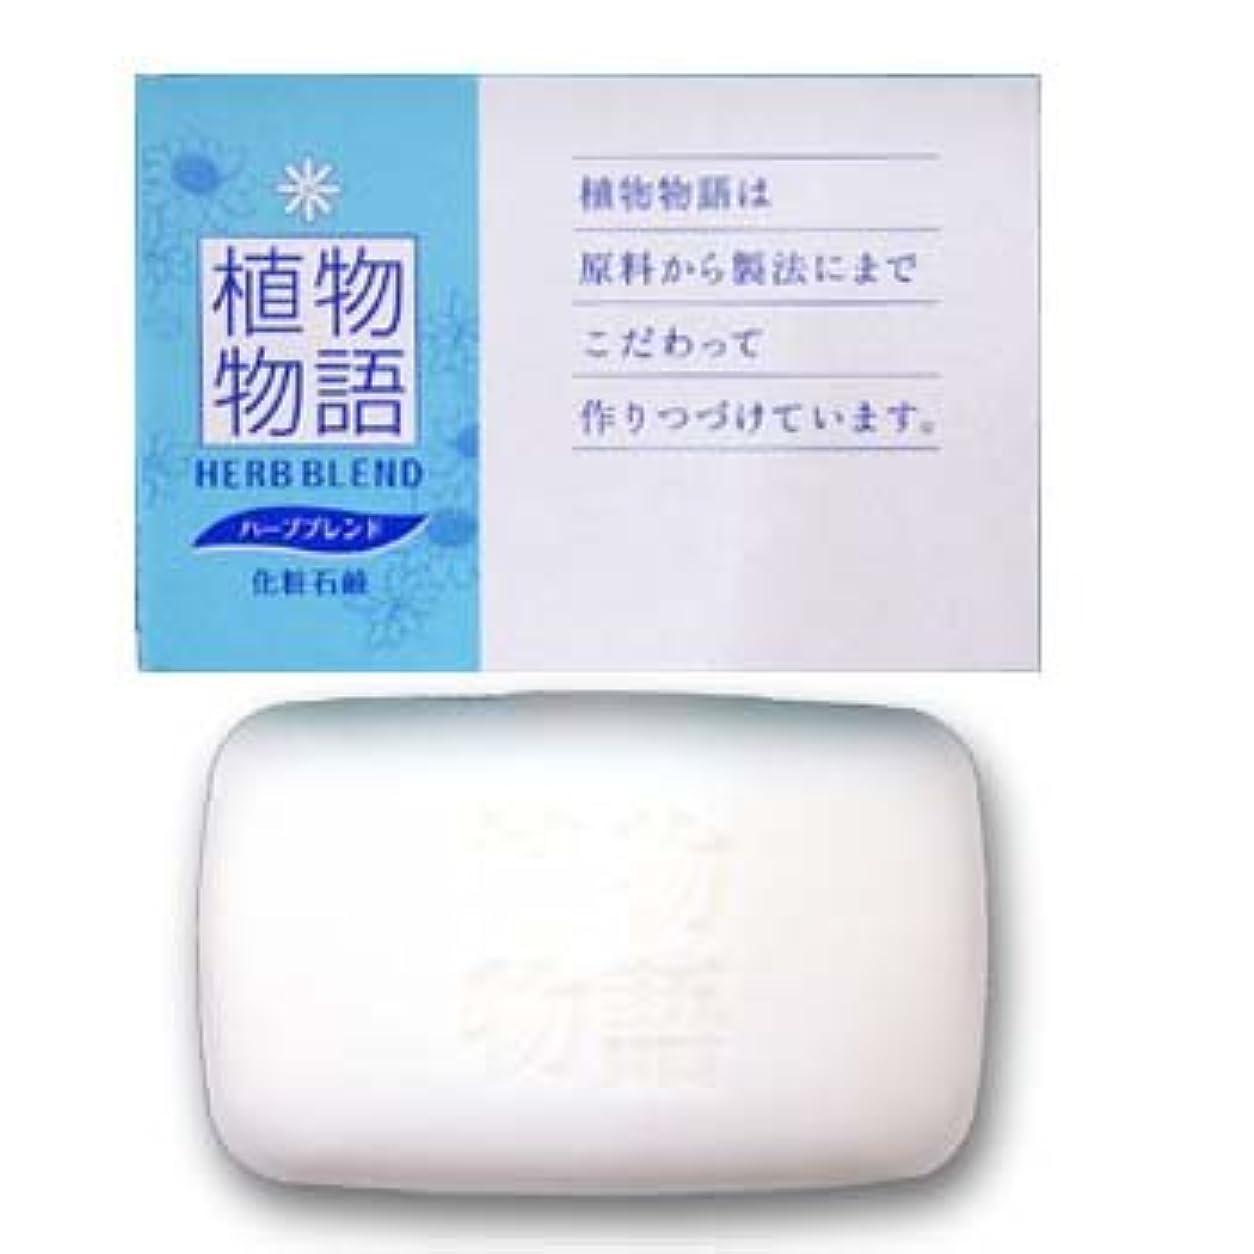 控える認めるマチュピチュLION 植物物語石鹸80g化粧箱入(1セット100個入)